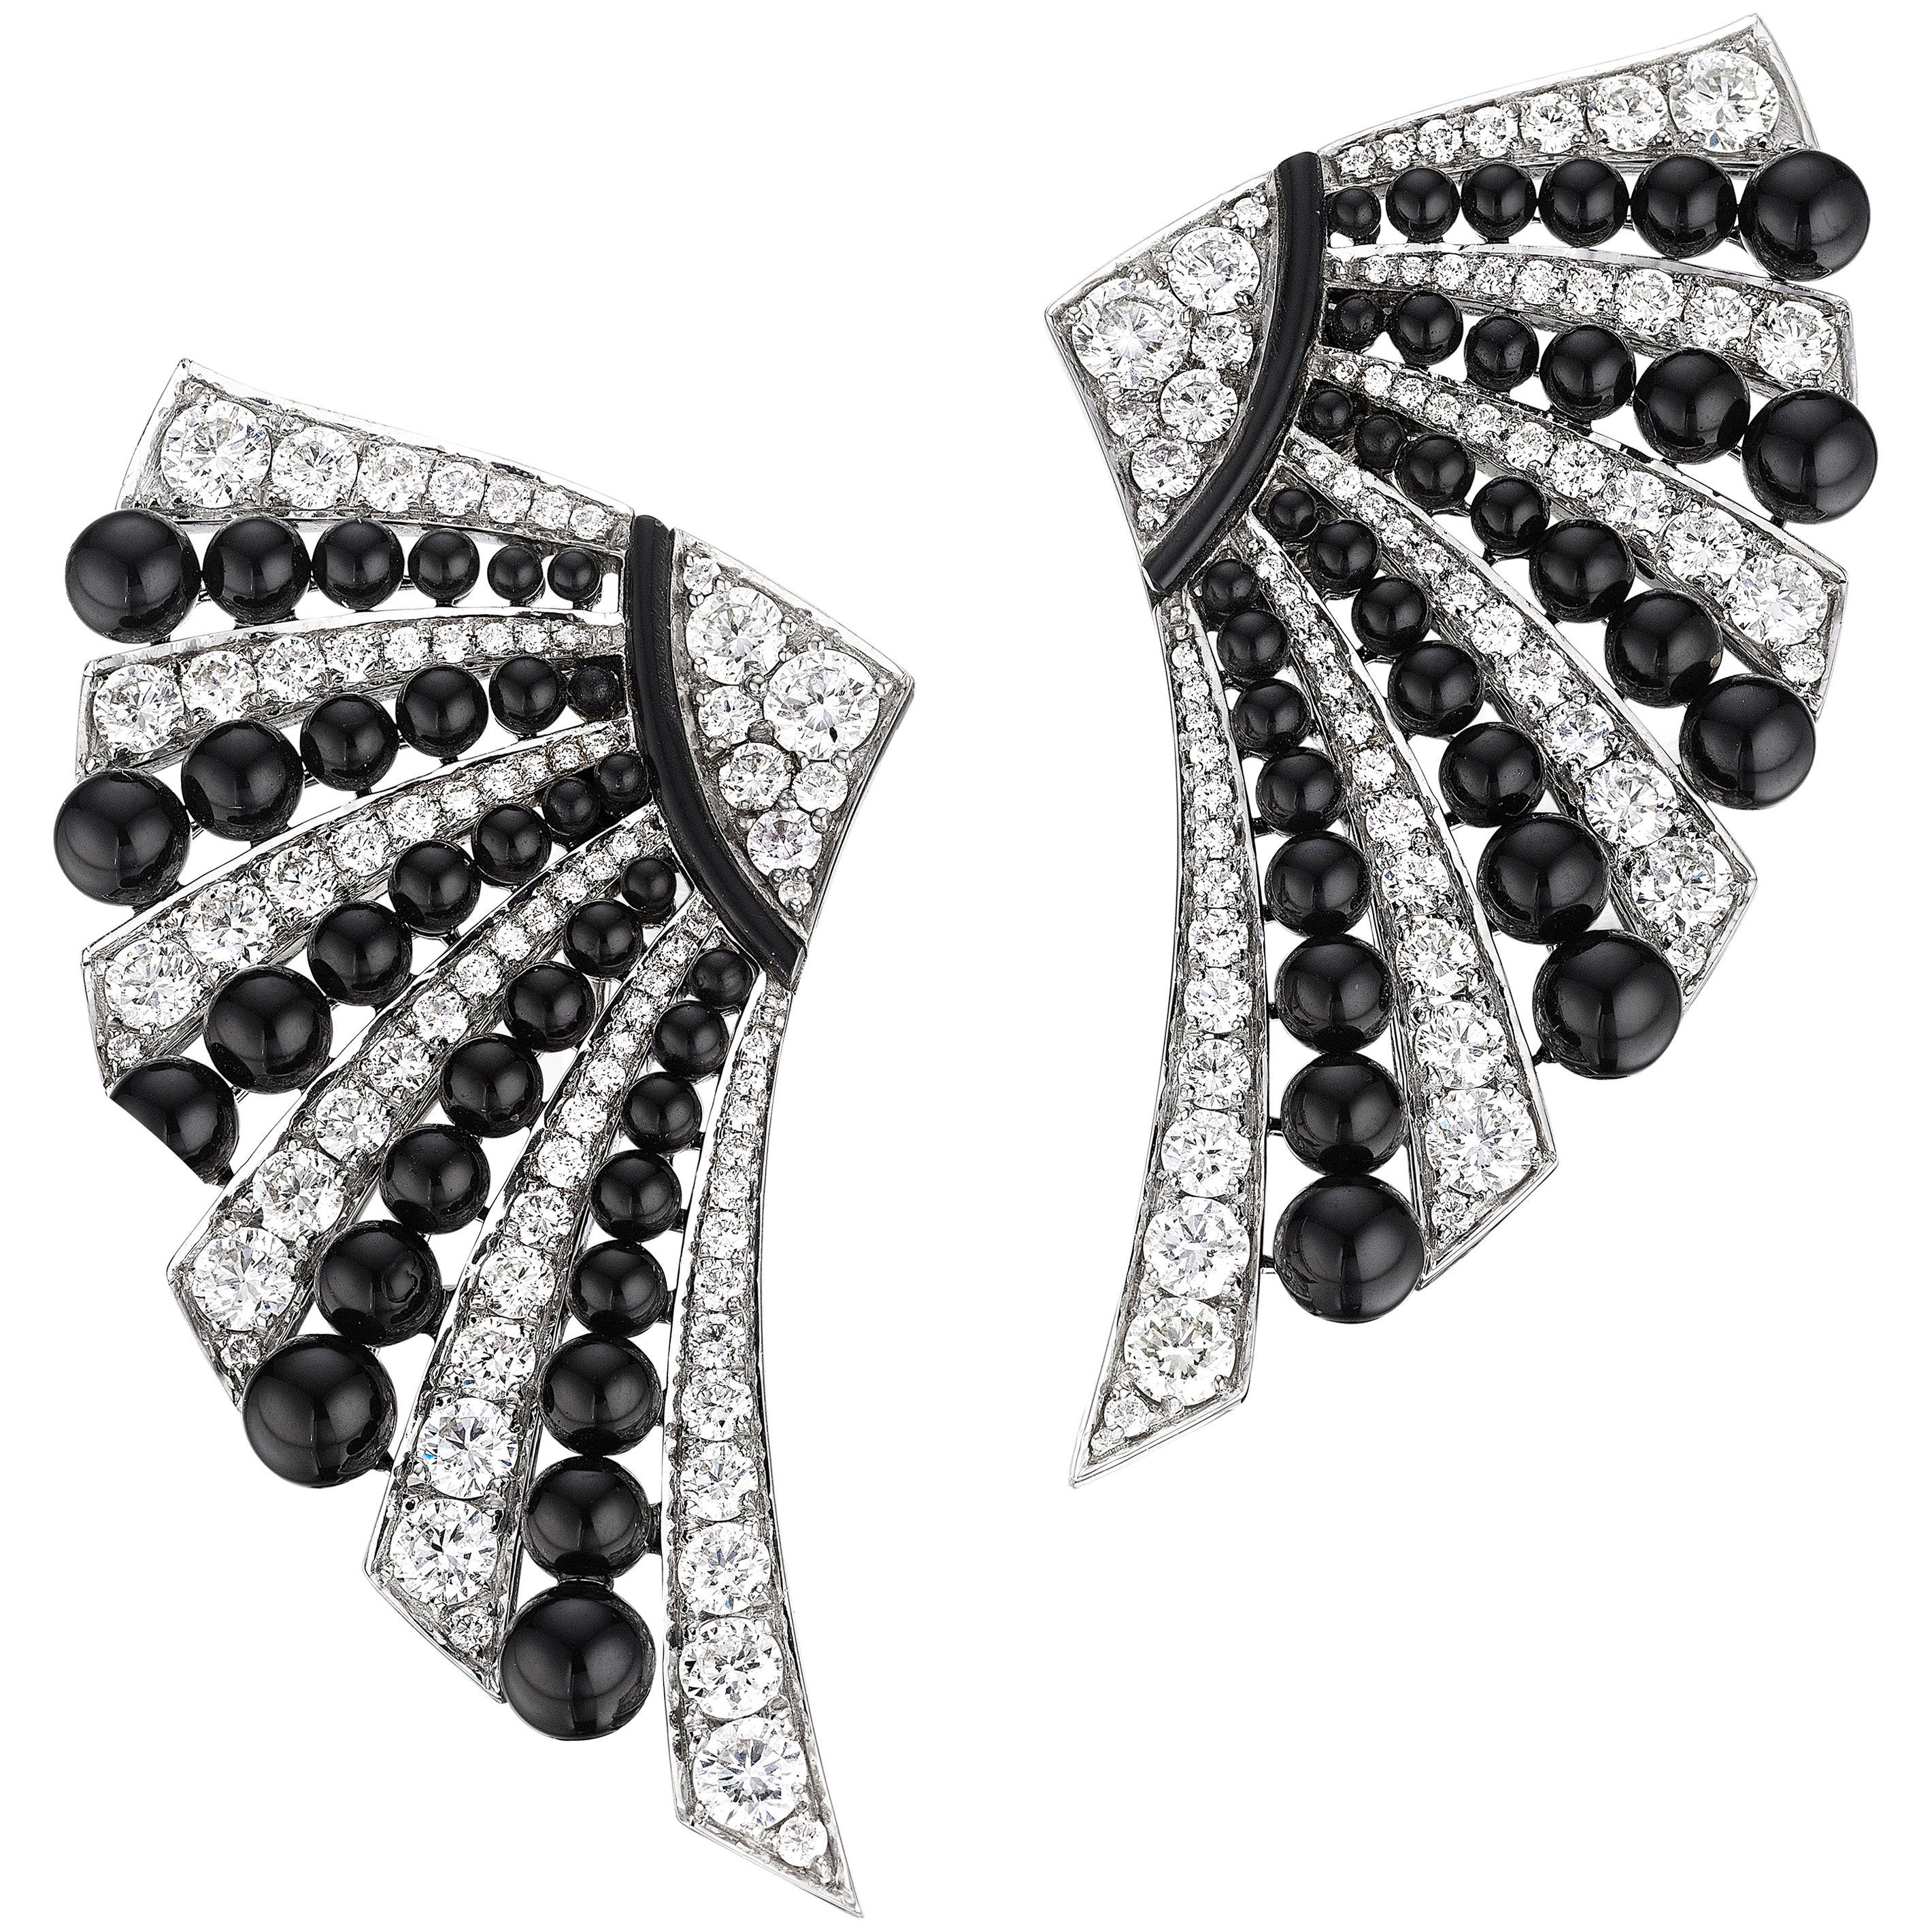 Siegelson Diamond Onyx White Gold Fan Earrings